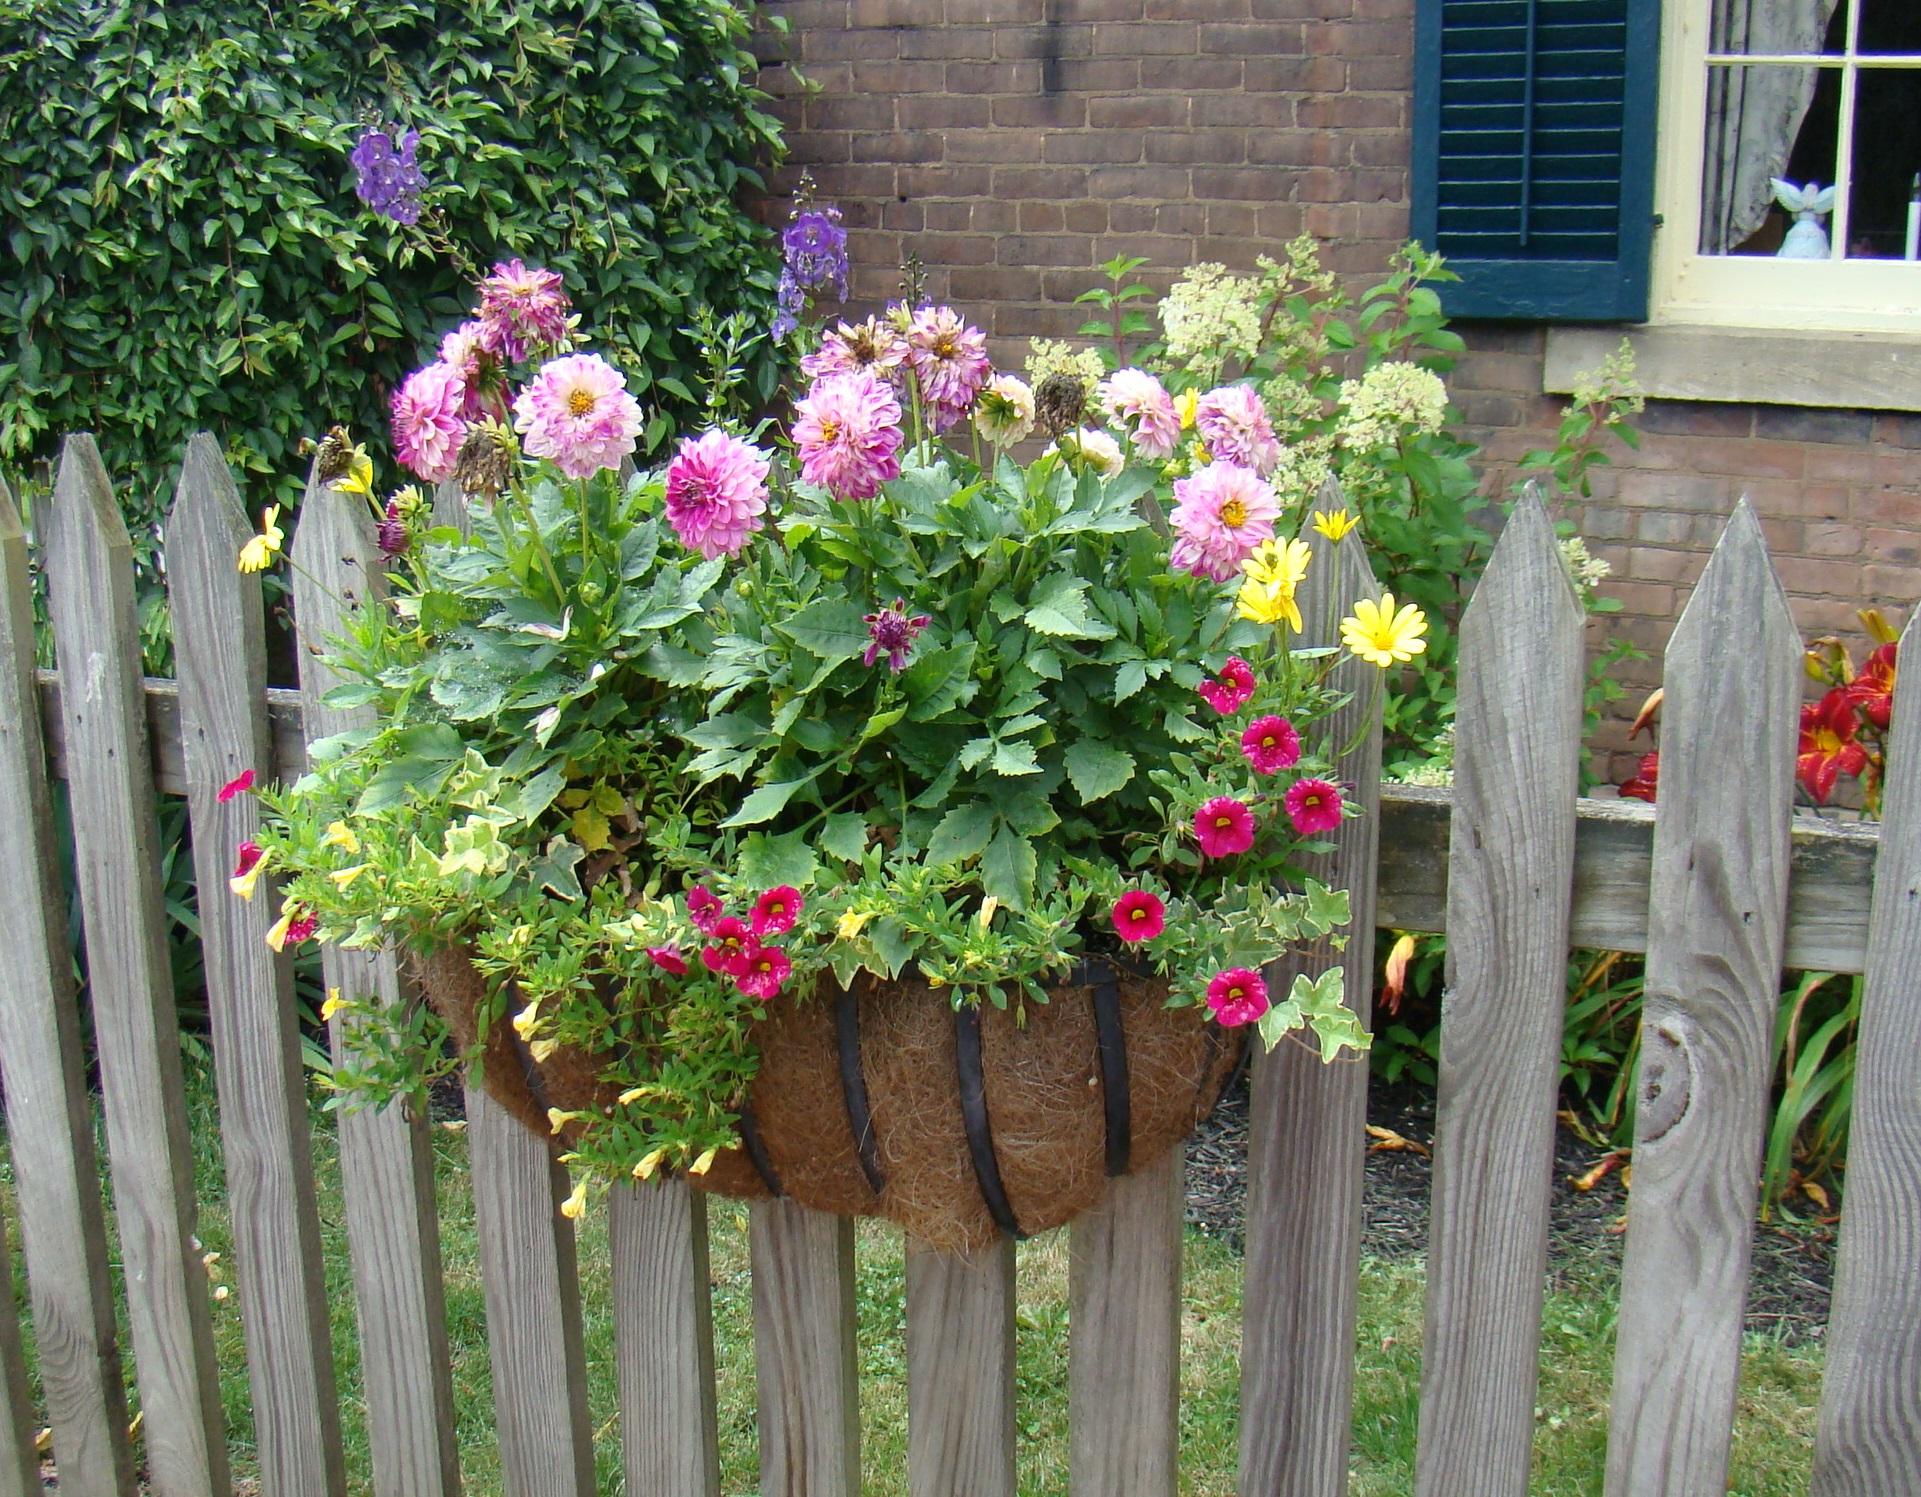 Zoar Village Garden's Symbolic Design